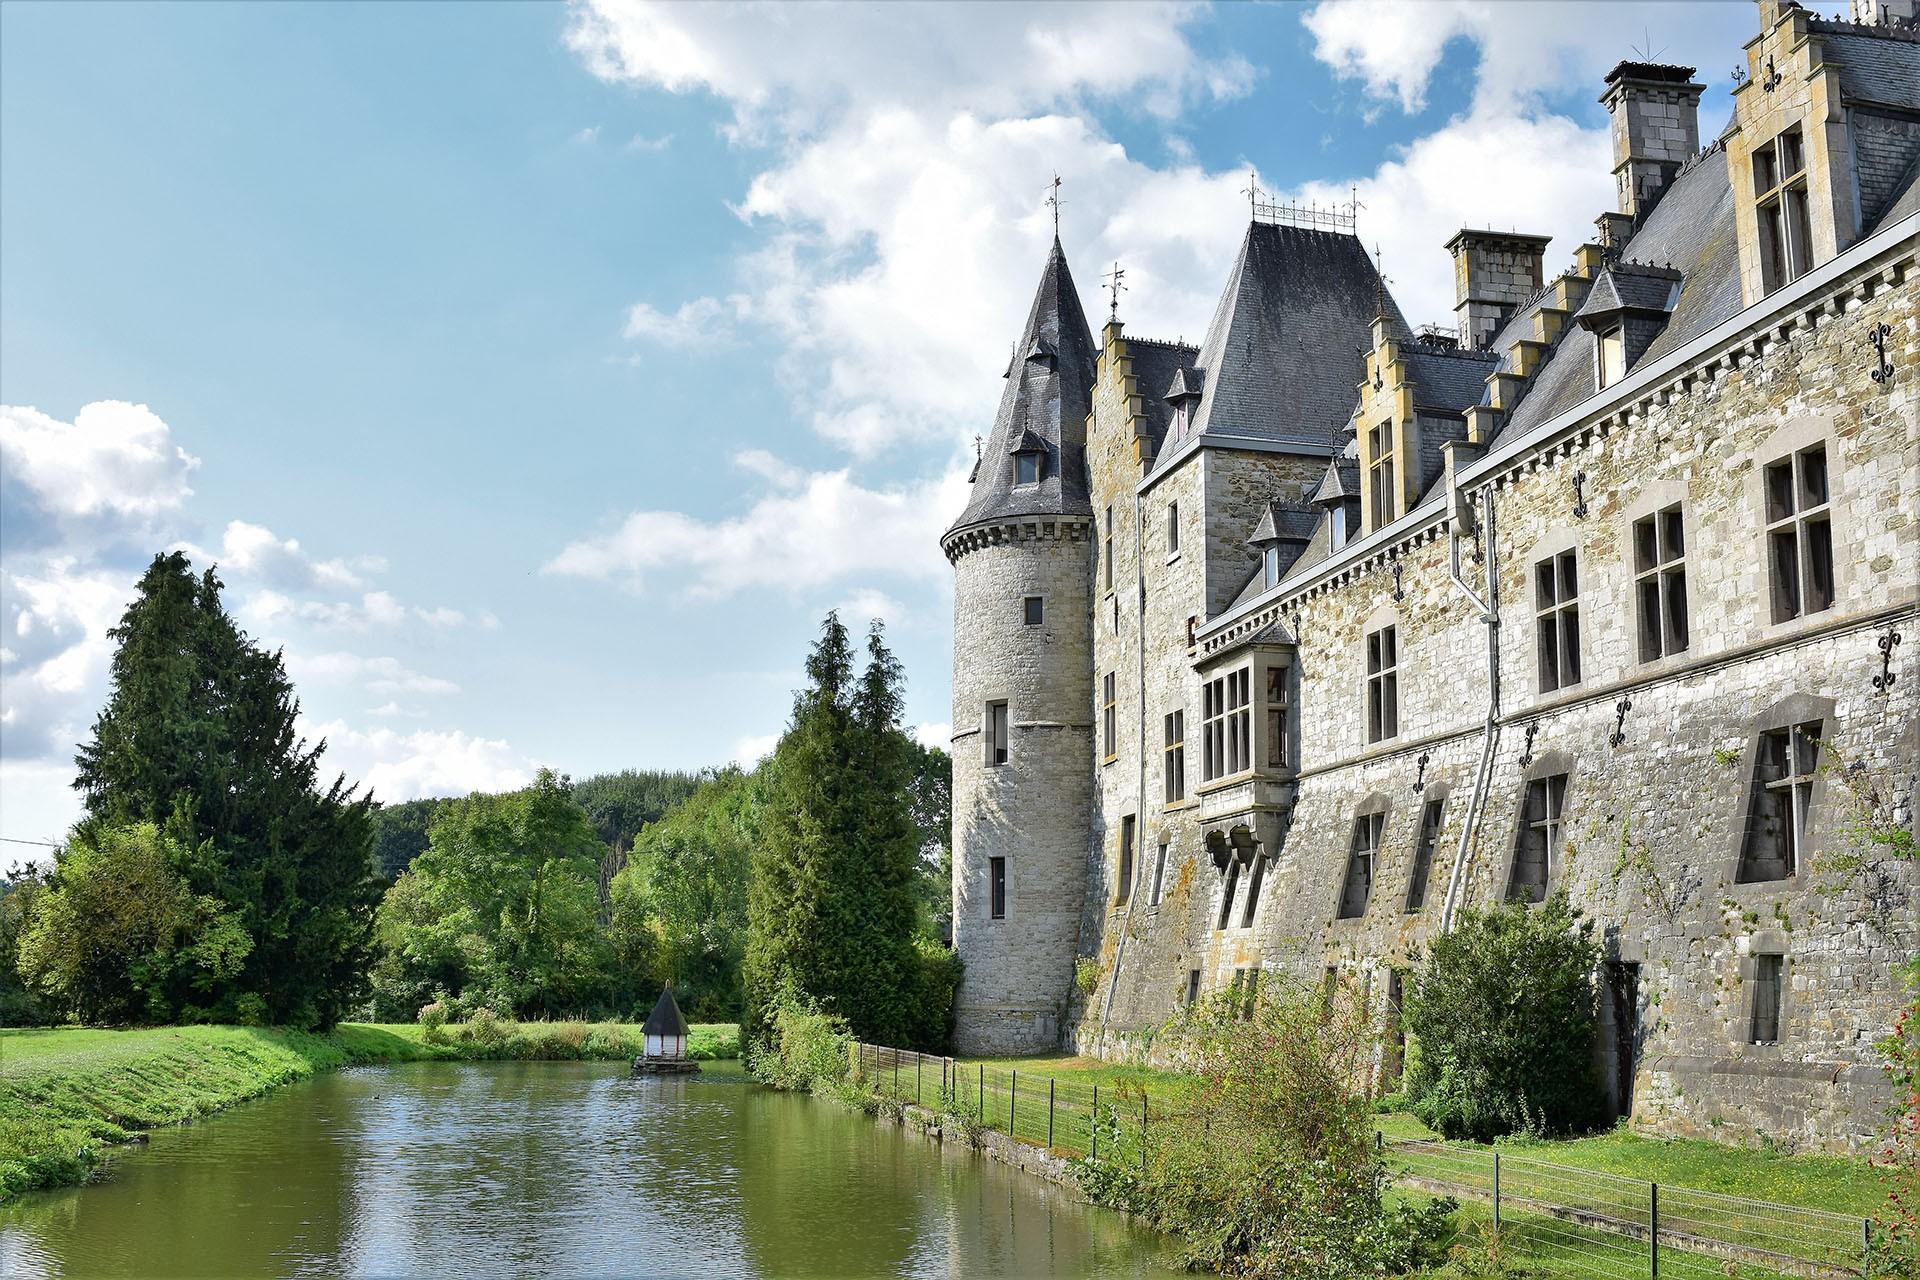 Mehaigne et Moissons - Château de Fallais